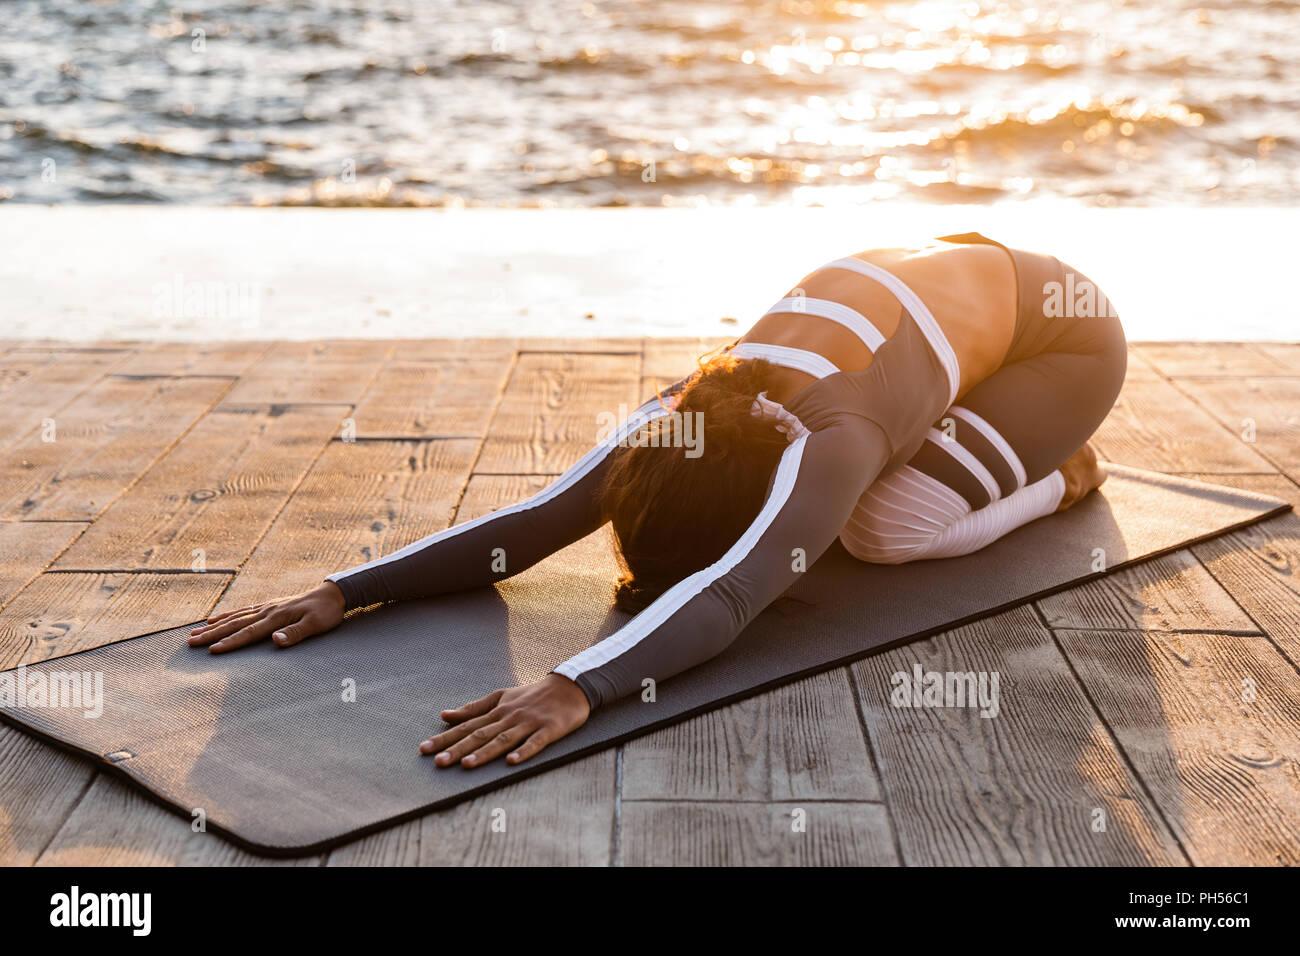 Image de jeune femme forte incroyable remise en forme en plein air à la plage faire des étirements de yoga. Photo Stock